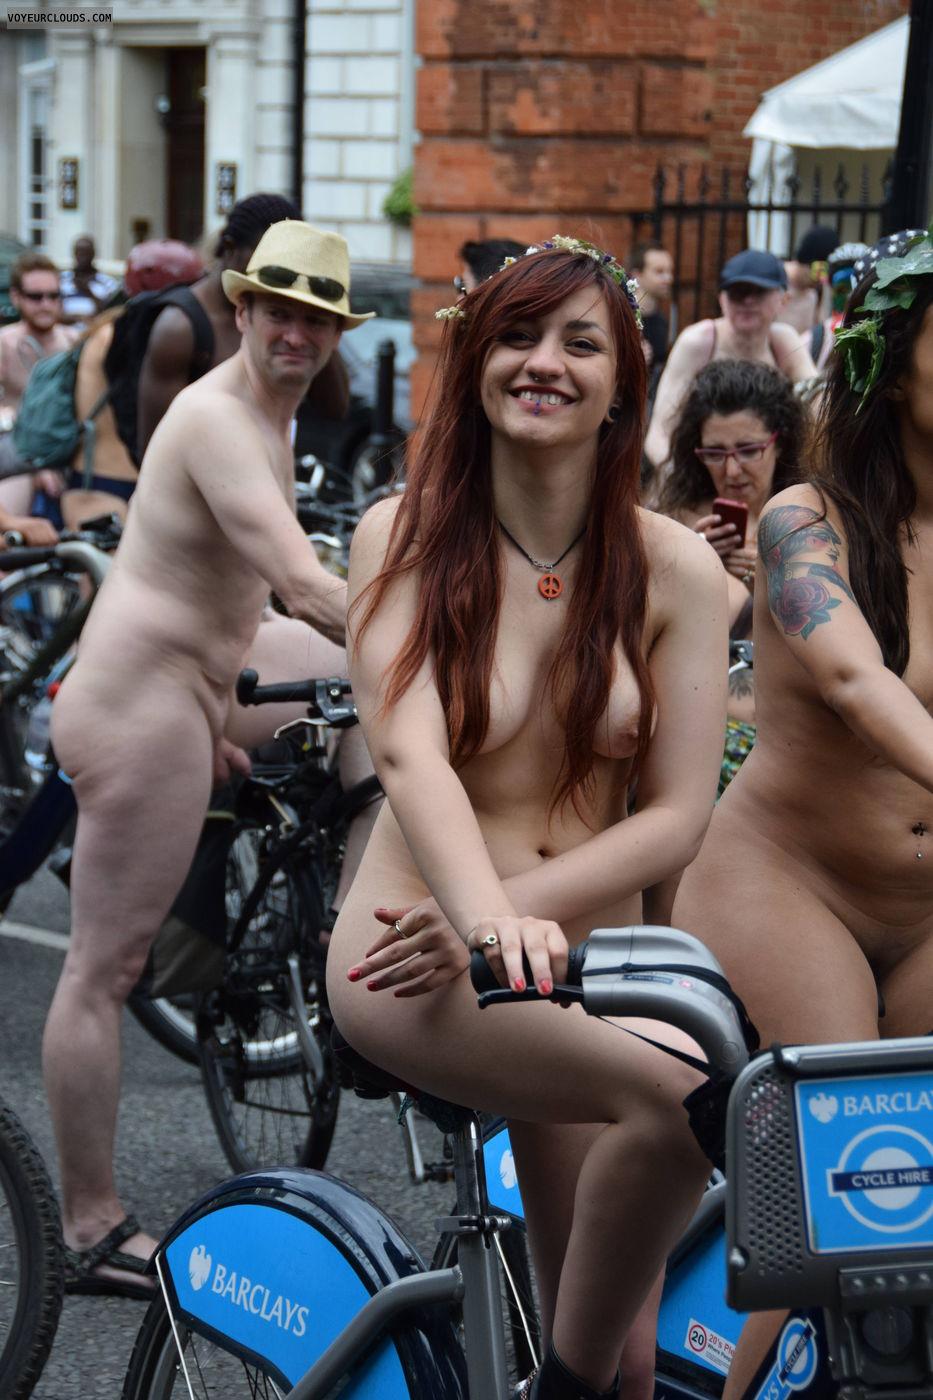 wnbr vagina voyeur, twyliteros,WNBR London